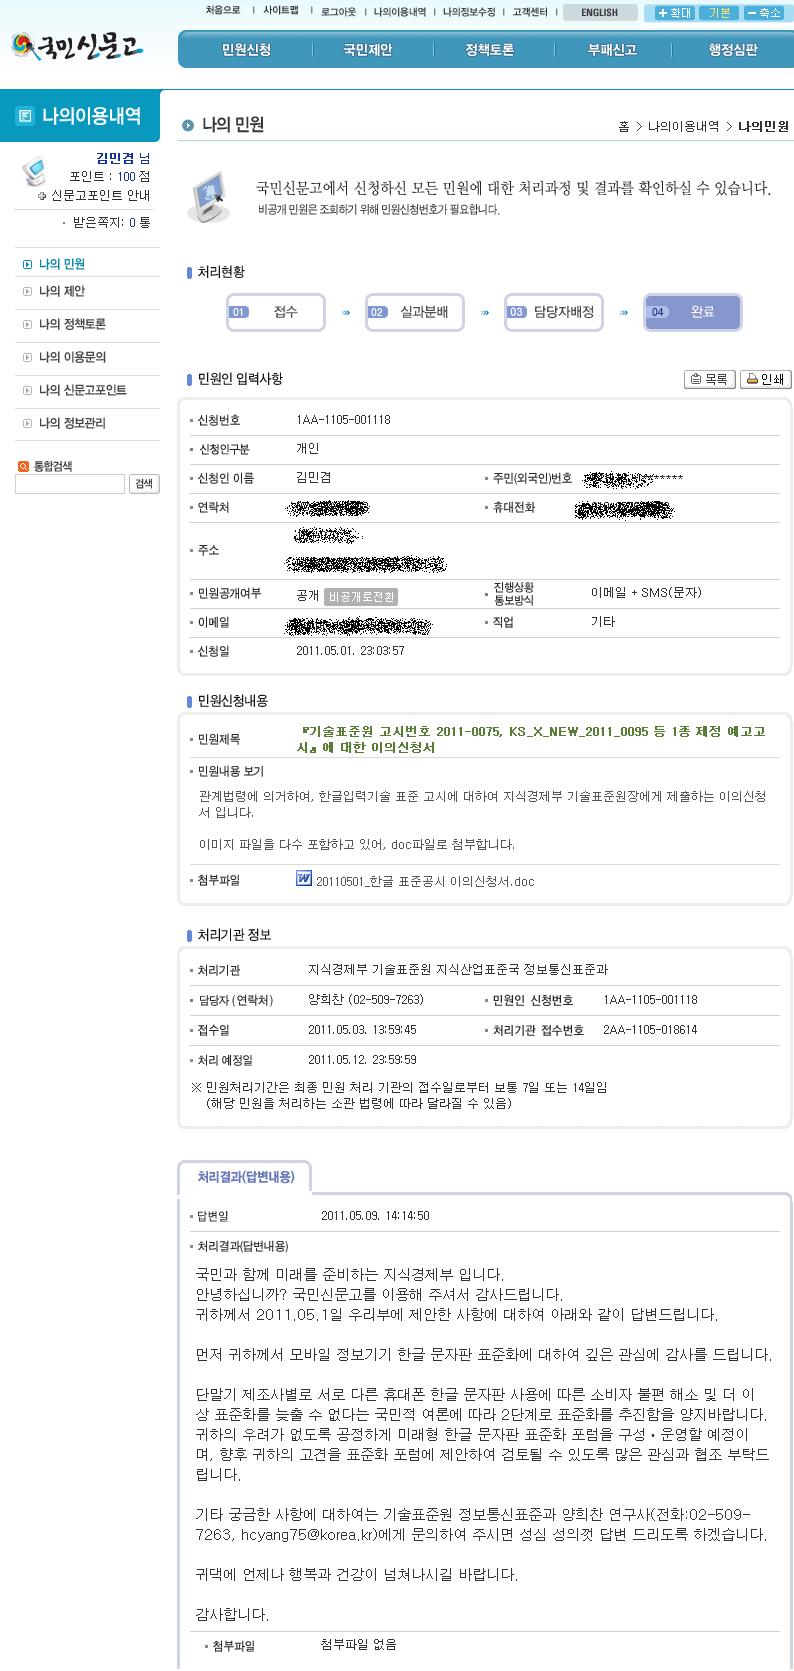 20110509_기술표준원 이의신청 회신.PNG